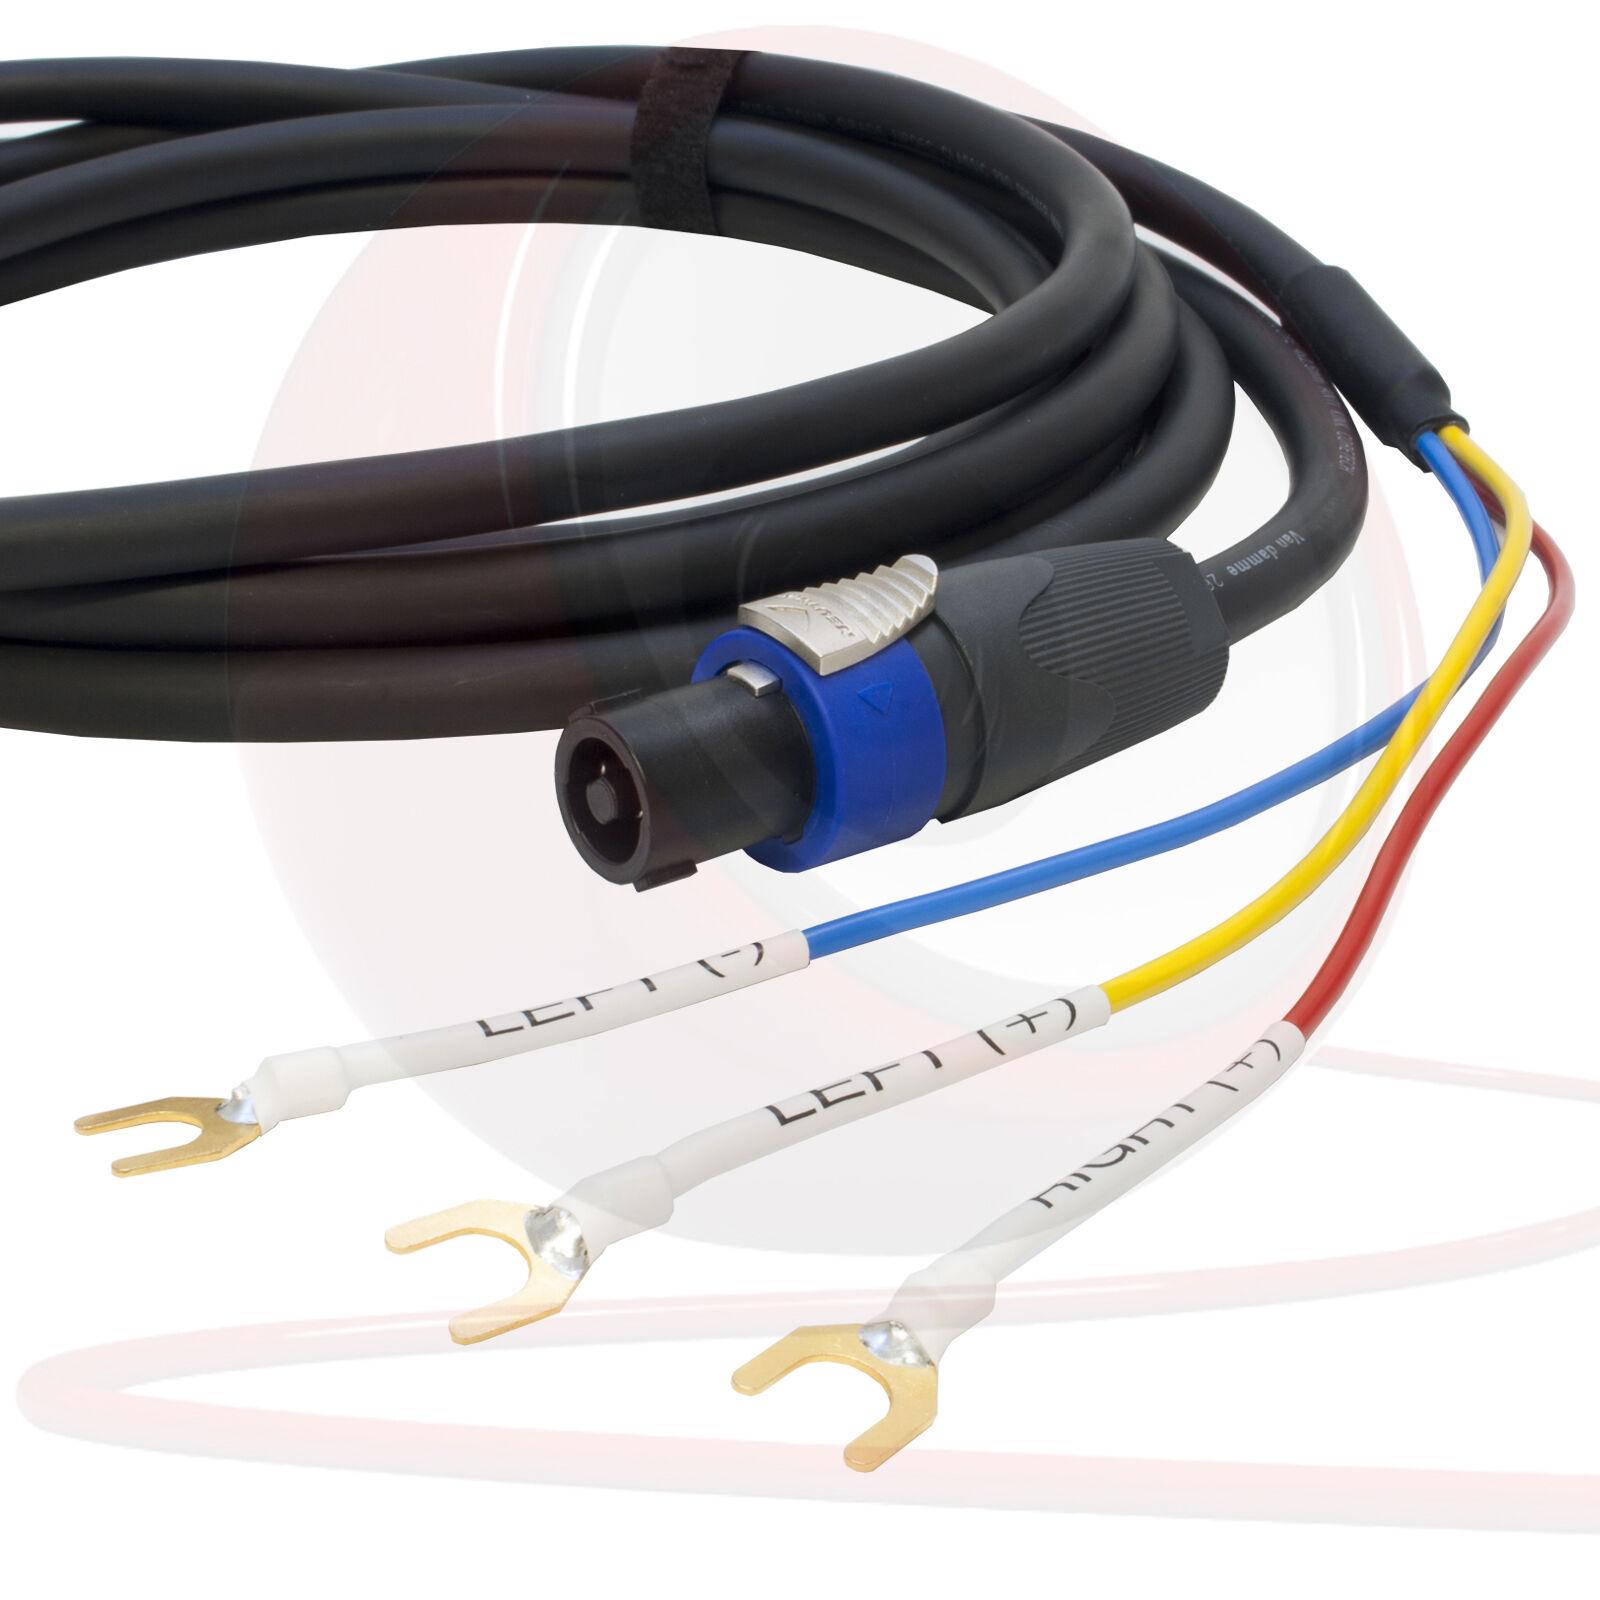 vendite dirette della fabbrica Rel 3 Wire Sub per Altoparlante Cavo. Neutrik Neutrik Neutrik Speakon a Vanga Estremità Sub  Ritorno di 10 giorni